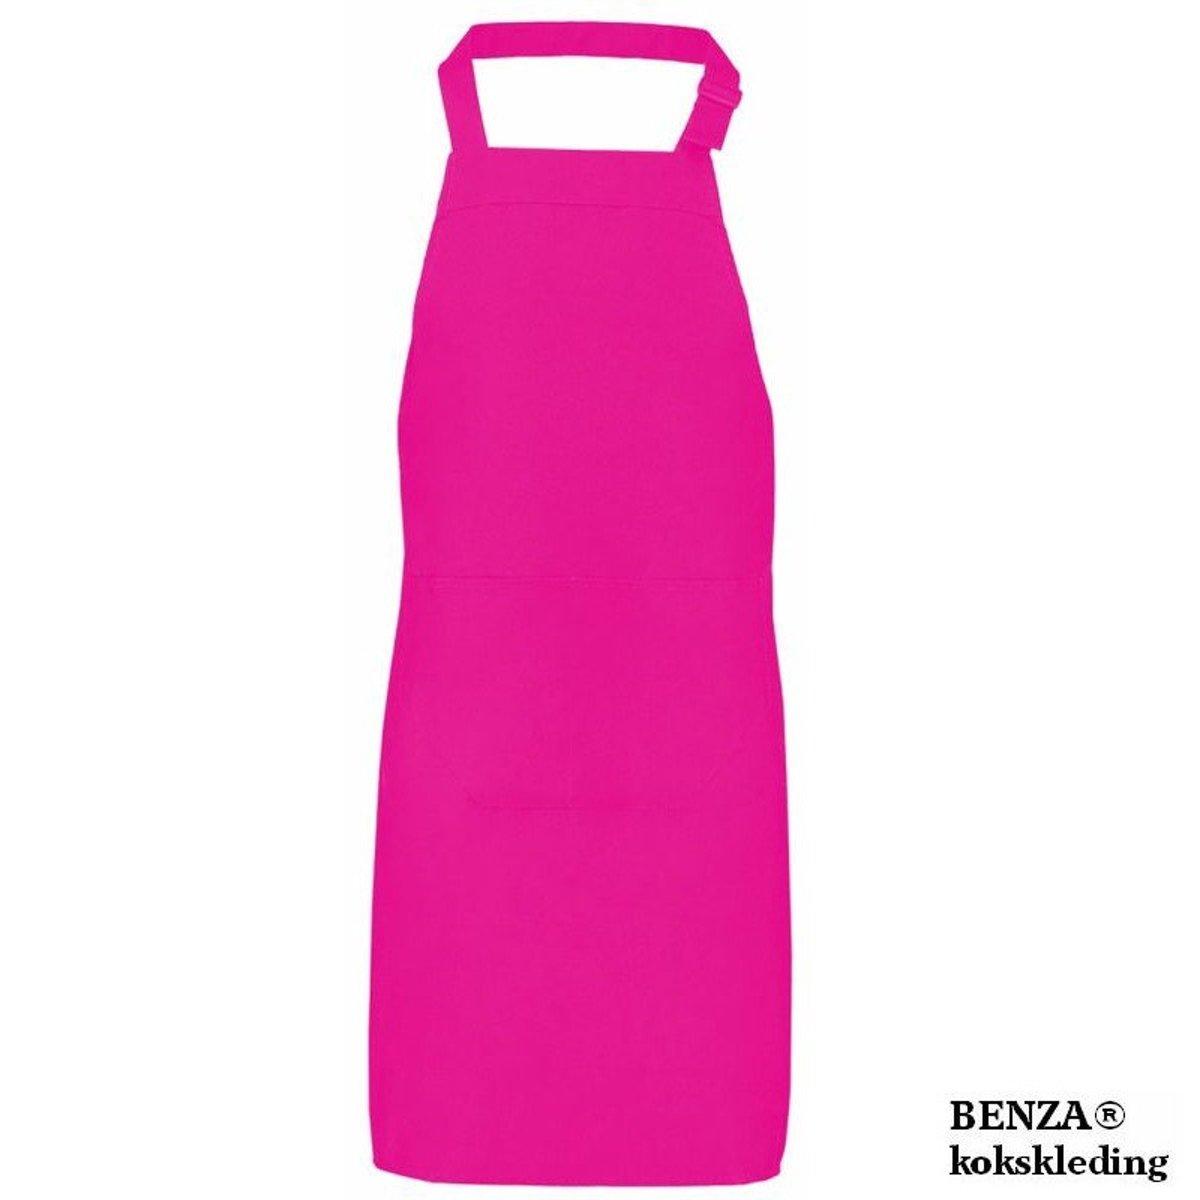 Benza Schort Keukenschort - 70 x 85 cm - Fuchsia / Roze kopen